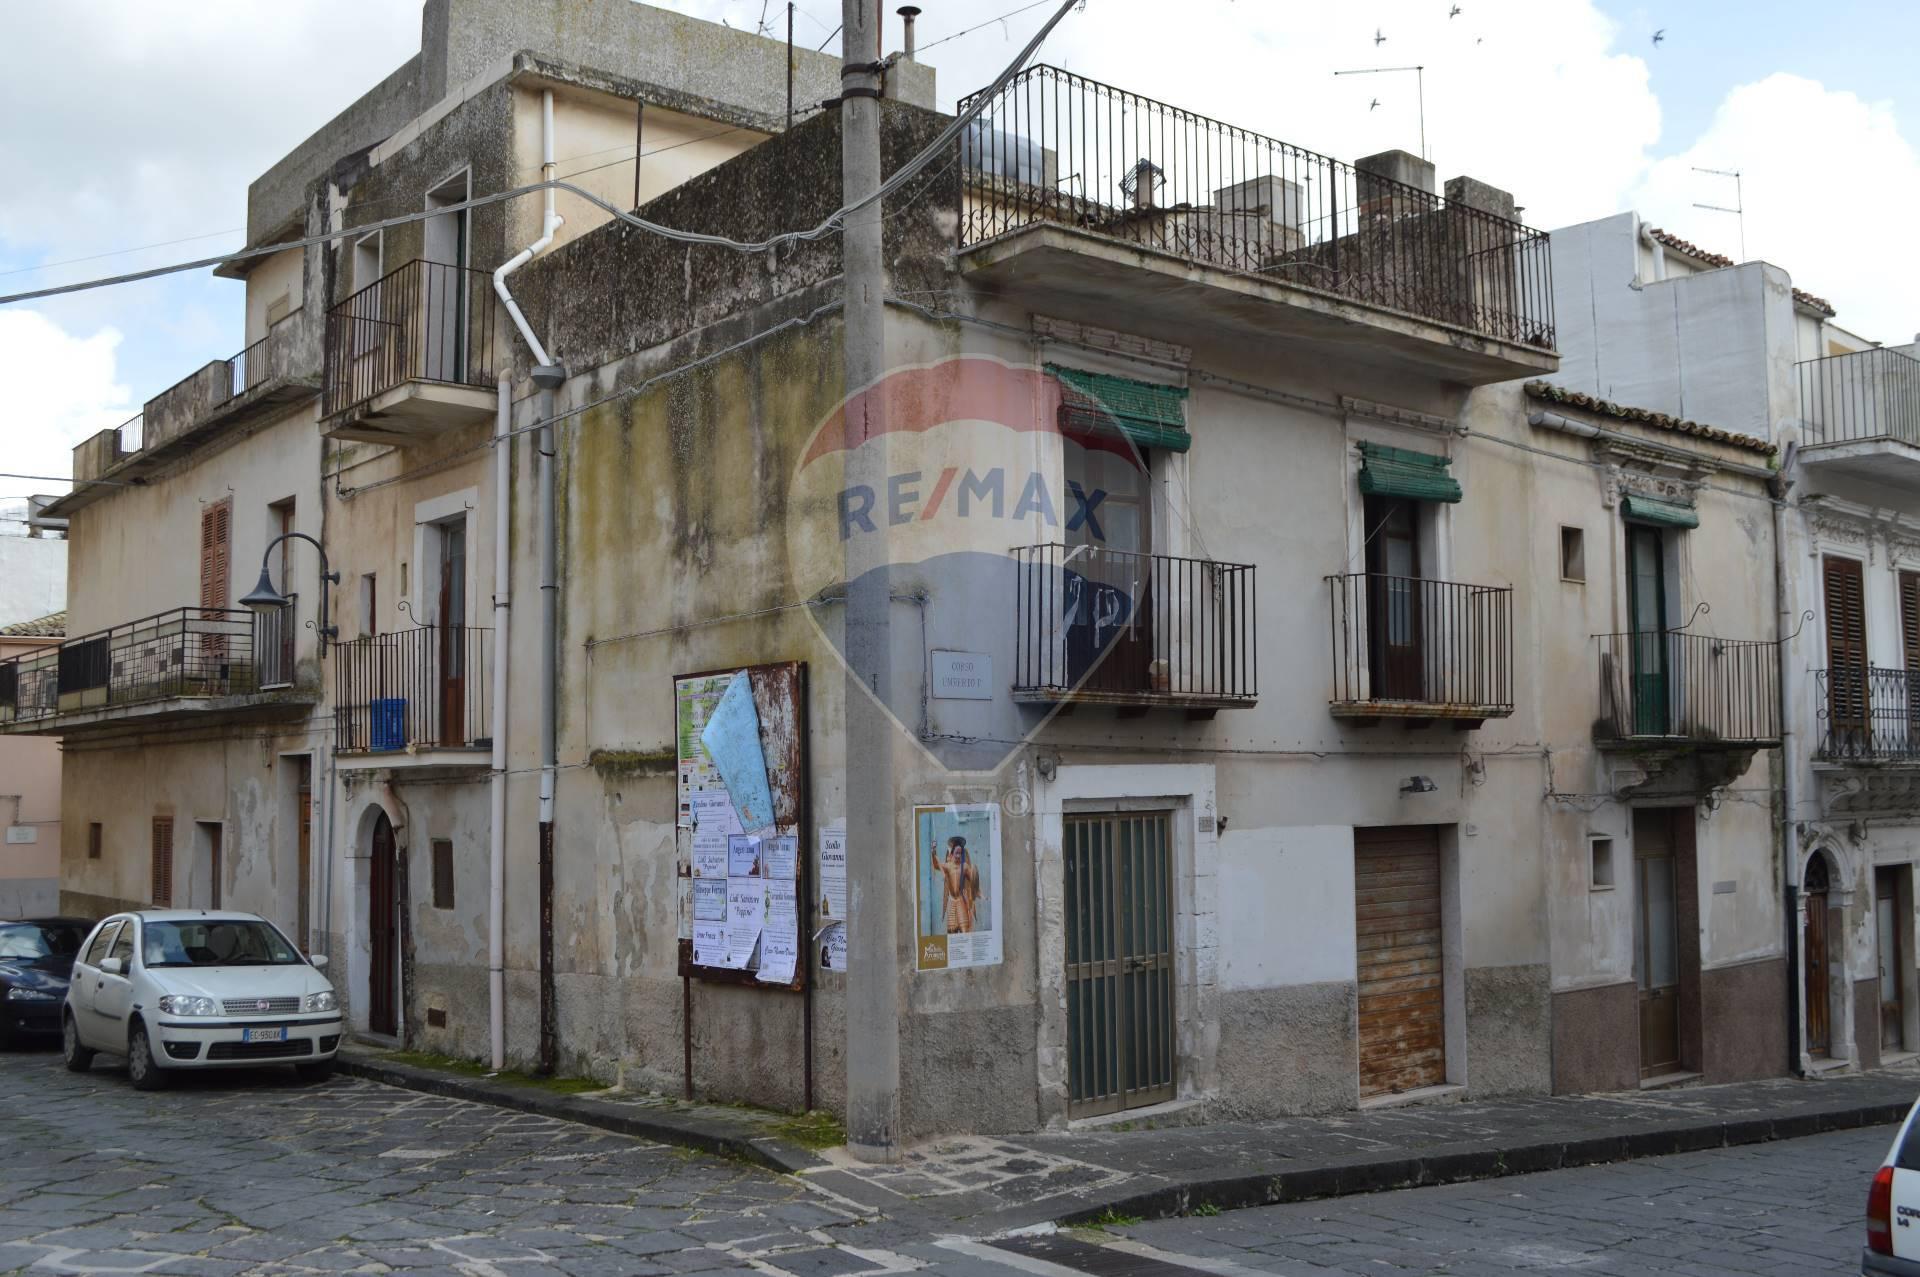 Soluzione Indipendente in vendita a Giarratana, 5 locali, prezzo € 45.000   CambioCasa.it